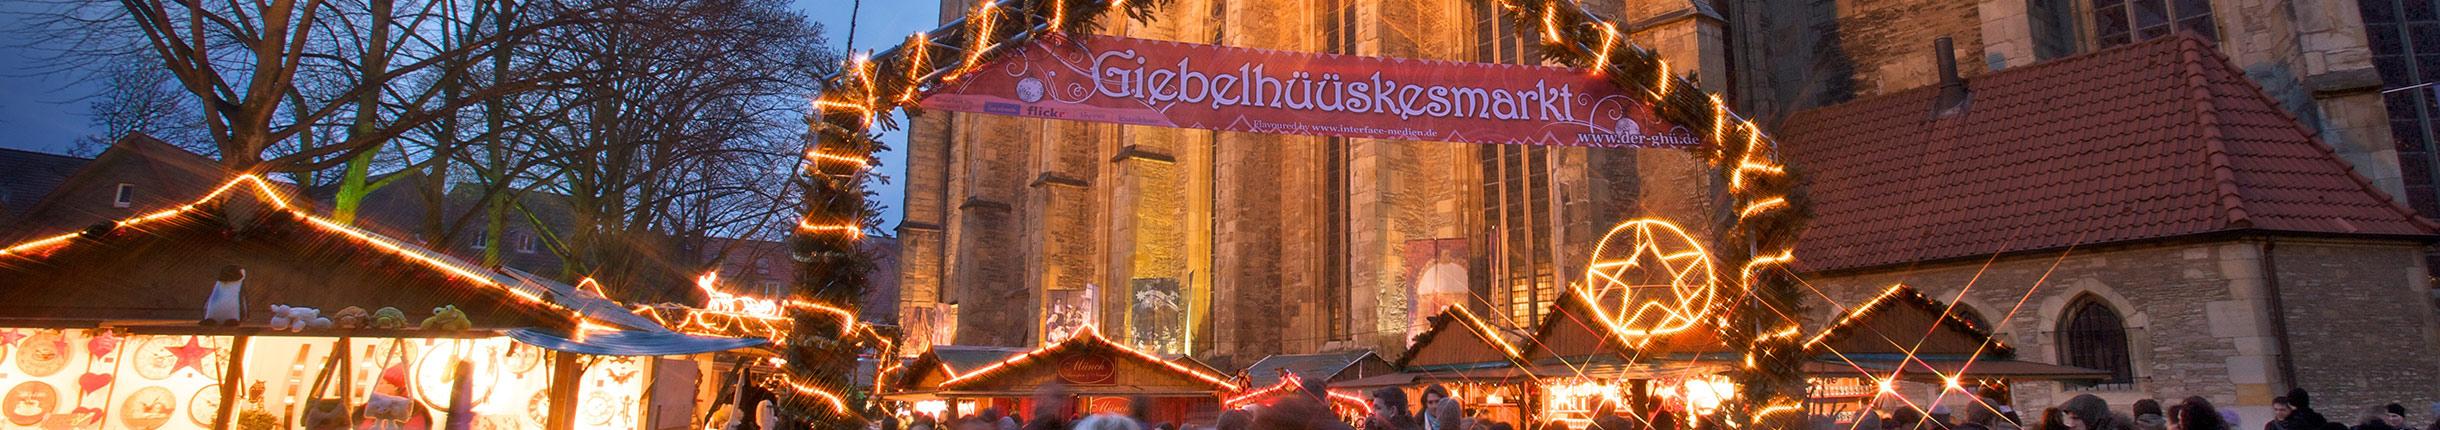 Weihnachtsmarkt Eröffnung 2019.Stadt Münster Weihnachtsmärkte 25 November Bis 23 Dezember 2019